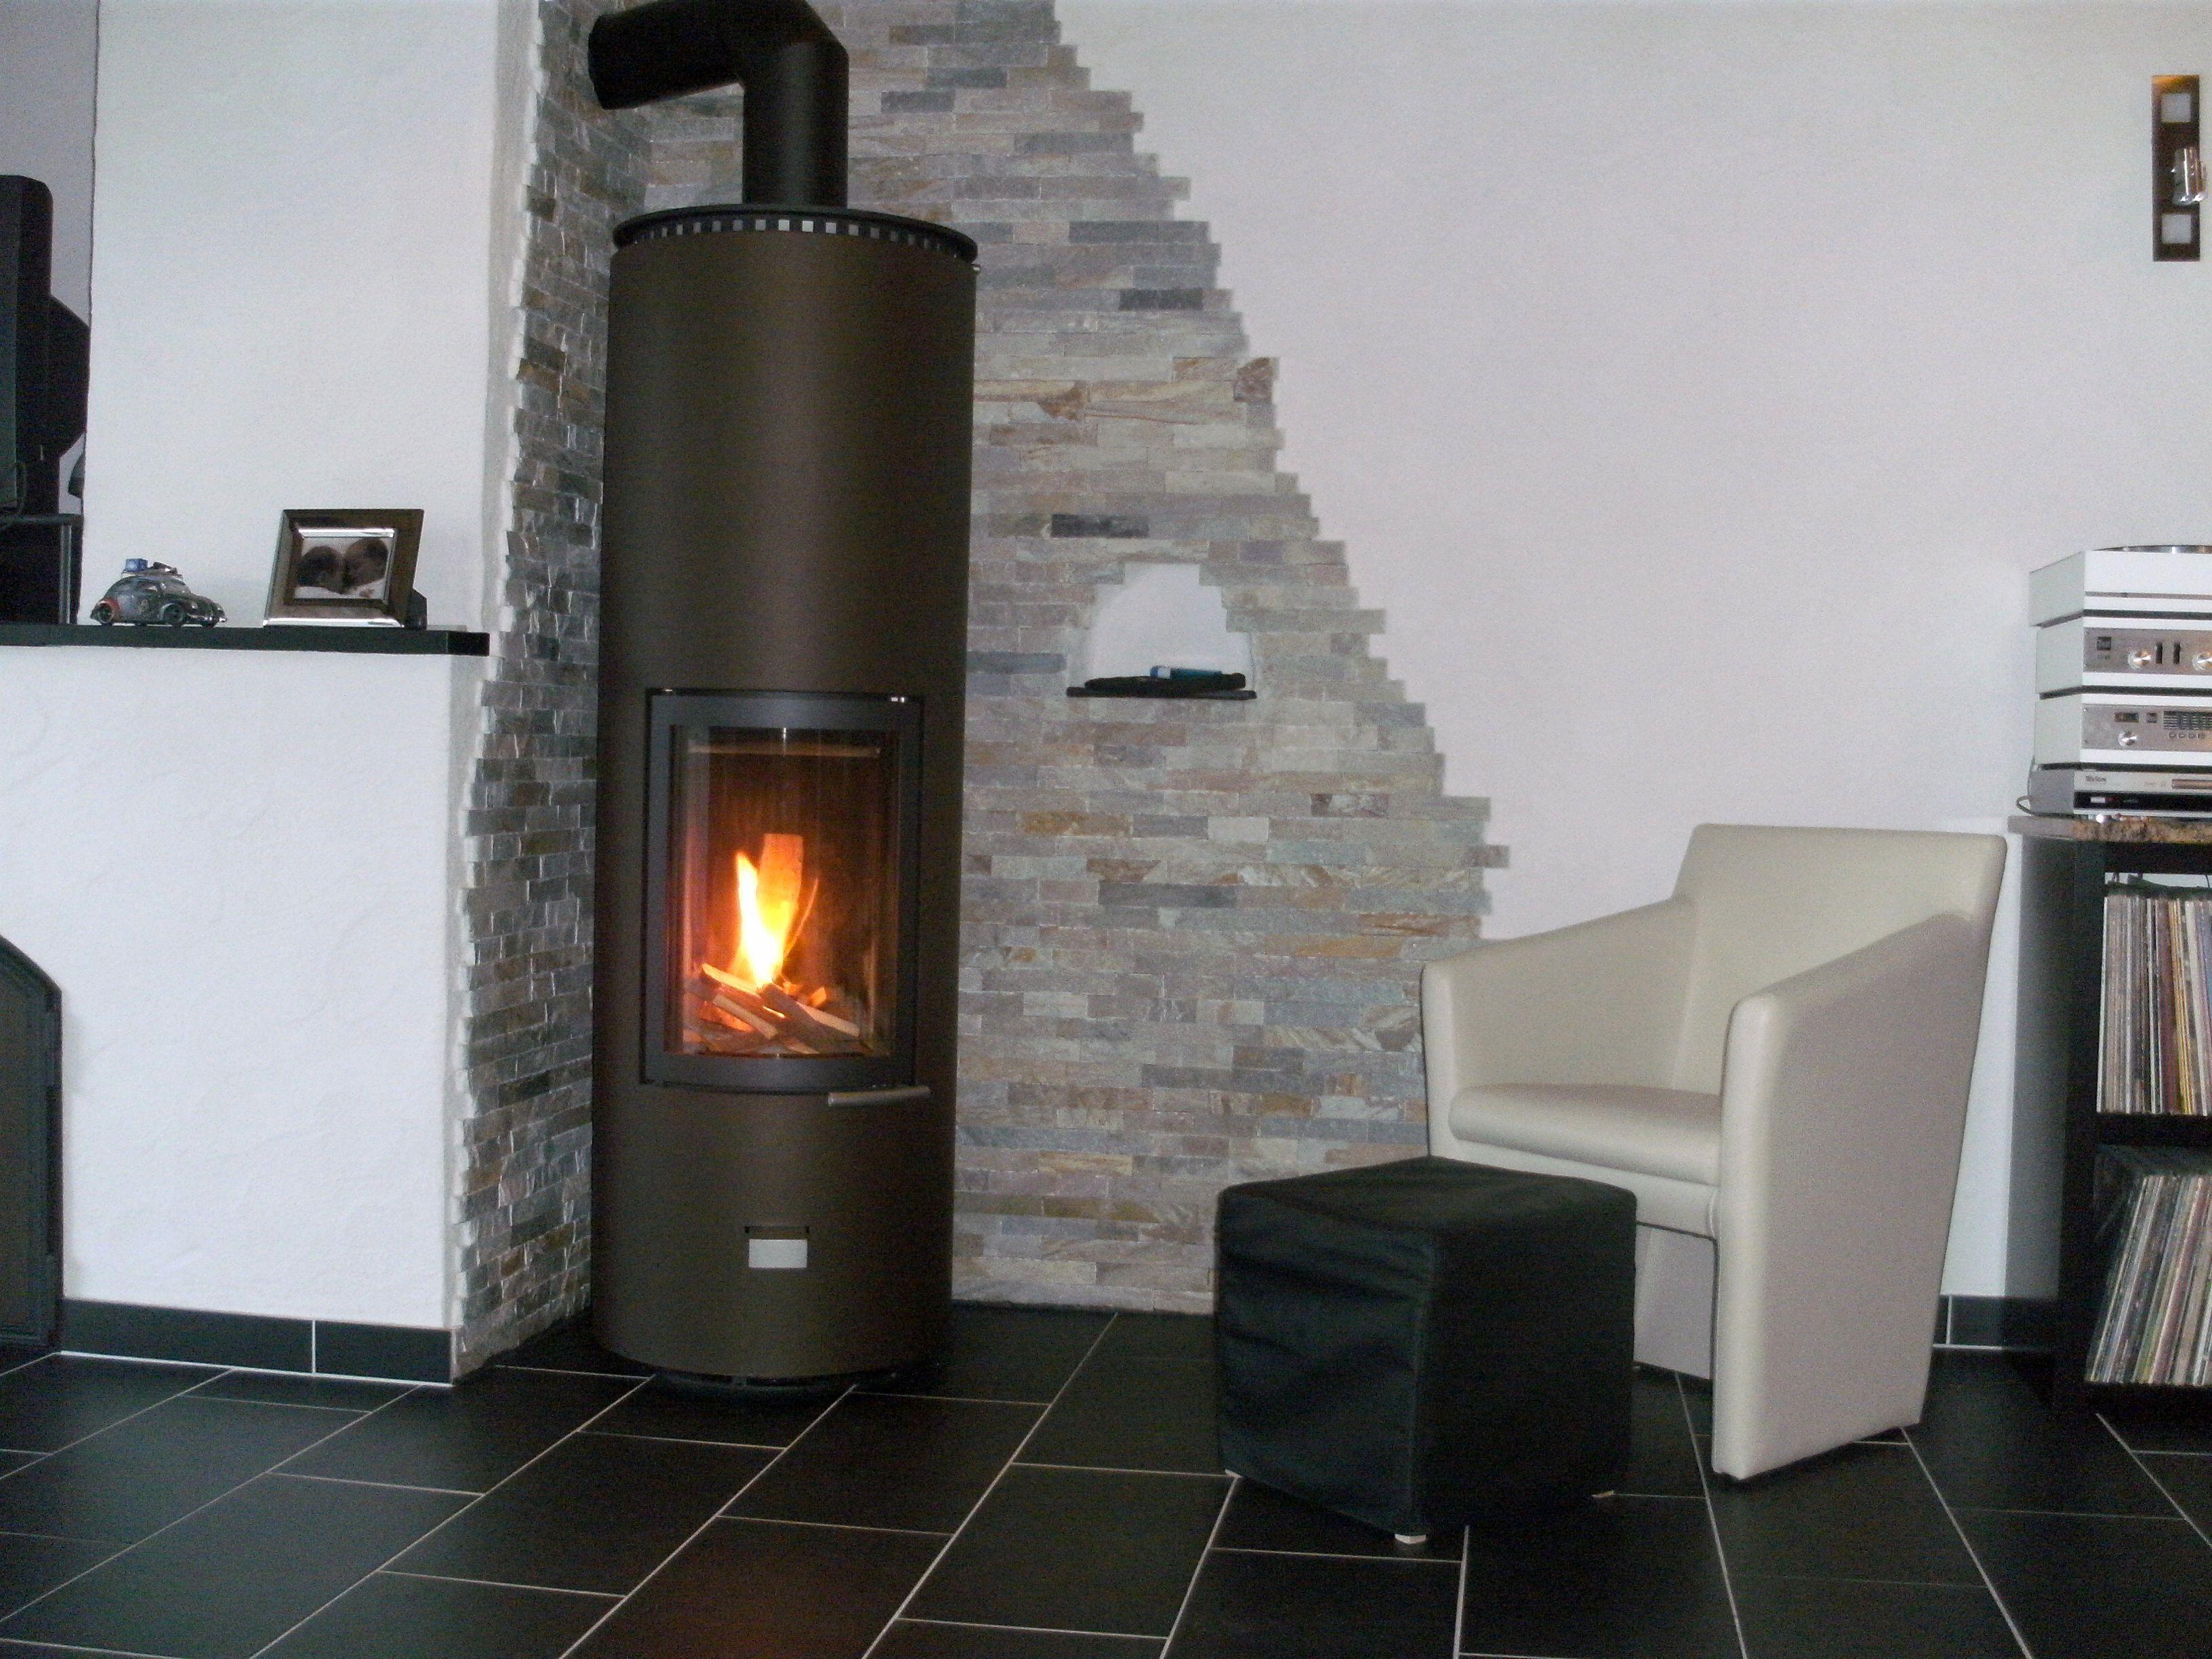 Kaminofen Design Modern kaminöfen aus dem hause cera design bei uns im sortiment auf http